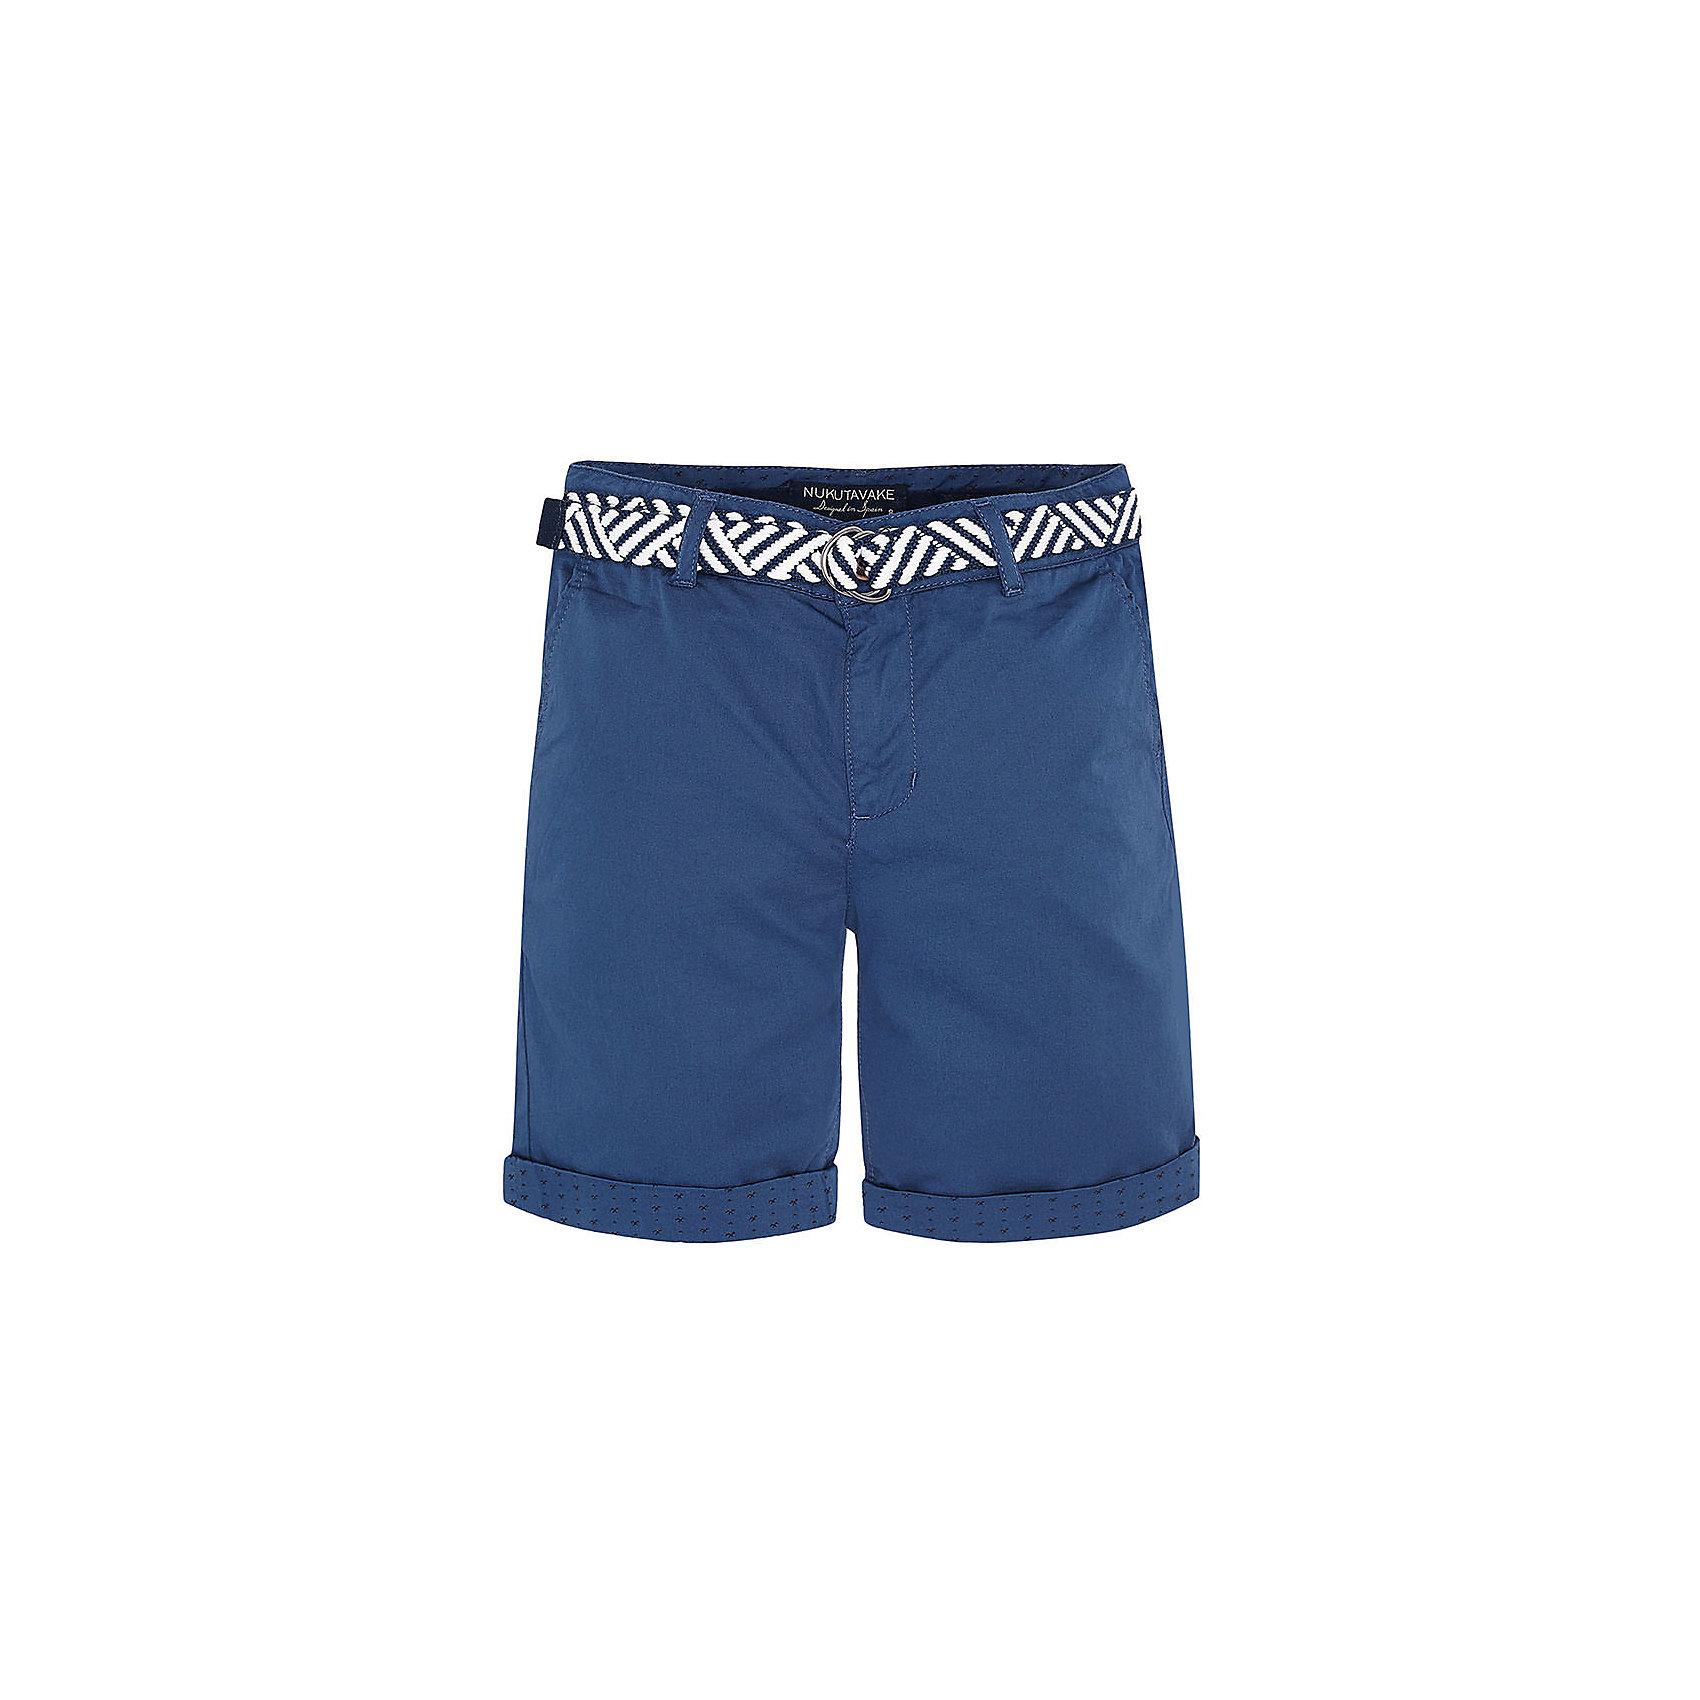 Шорты  для мальчика MayoralШорты  для мальчика от известной испанской марки Mayoral - прекрасный вариант для летнего гардероба юного модника. <br><br>Дополнительная информация:<br><br>- Текстильный пояс в комплекте.<br>- Прямой крой брючин.<br>- Тип застежки: молния, кнопка. <br>- 4 кармана (2 задних, 2 боковых).<br>- Задние карманы декорированы текстильными вставками. <br>- Стильные отвороты.<br>- Регулировка на талии с помощью внутренней резинки.  <br>- Состав: 100 % хлопок.<br><br>Шорты  для мальчика Mayoral (Майорал) можно купить в нашем магазине.<br><br>Ширина мм: 191<br>Глубина мм: 10<br>Высота мм: 175<br>Вес г: 273<br>Цвет: разноцветный<br>Возраст от месяцев: 84<br>Возраст до месяцев: 96<br>Пол: Мужской<br>Возраст: Детский<br>Размер: 128,140,164,158,152<br>SKU: 4538378